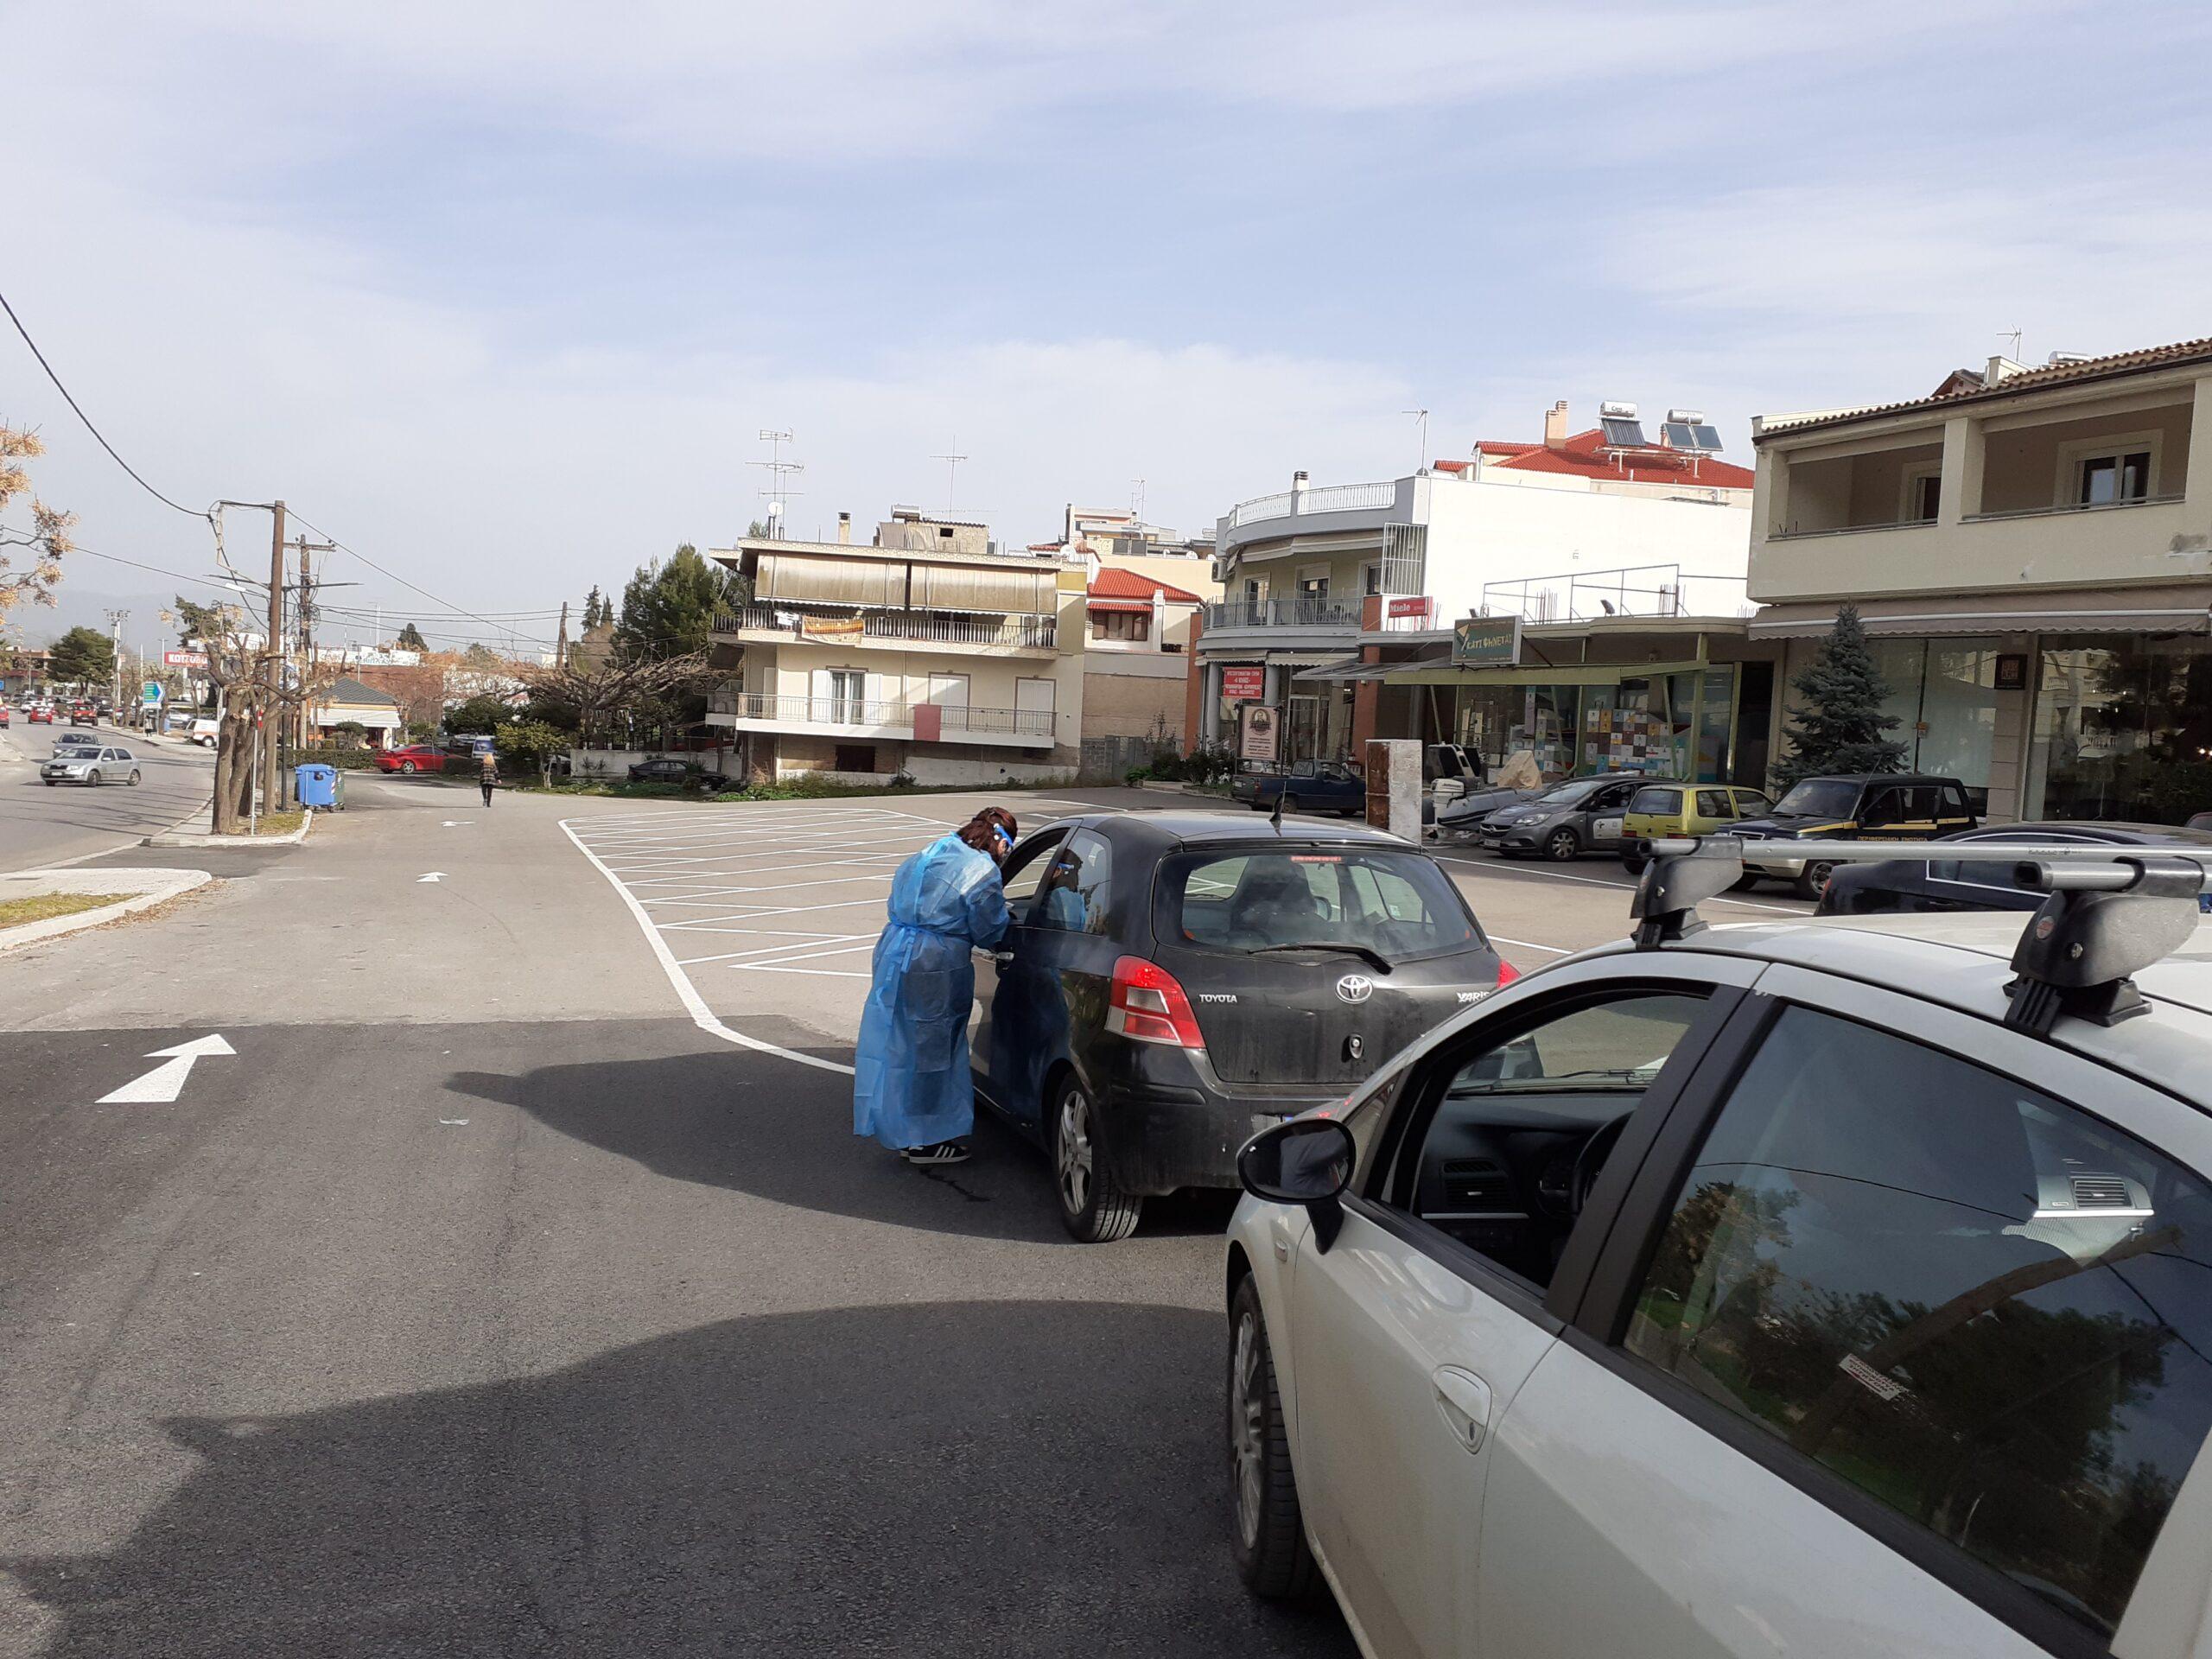 ΔΗΜΟΣ ΘΗΒΑΙΩΝ DRIVE THROUGH RAPID TESTS